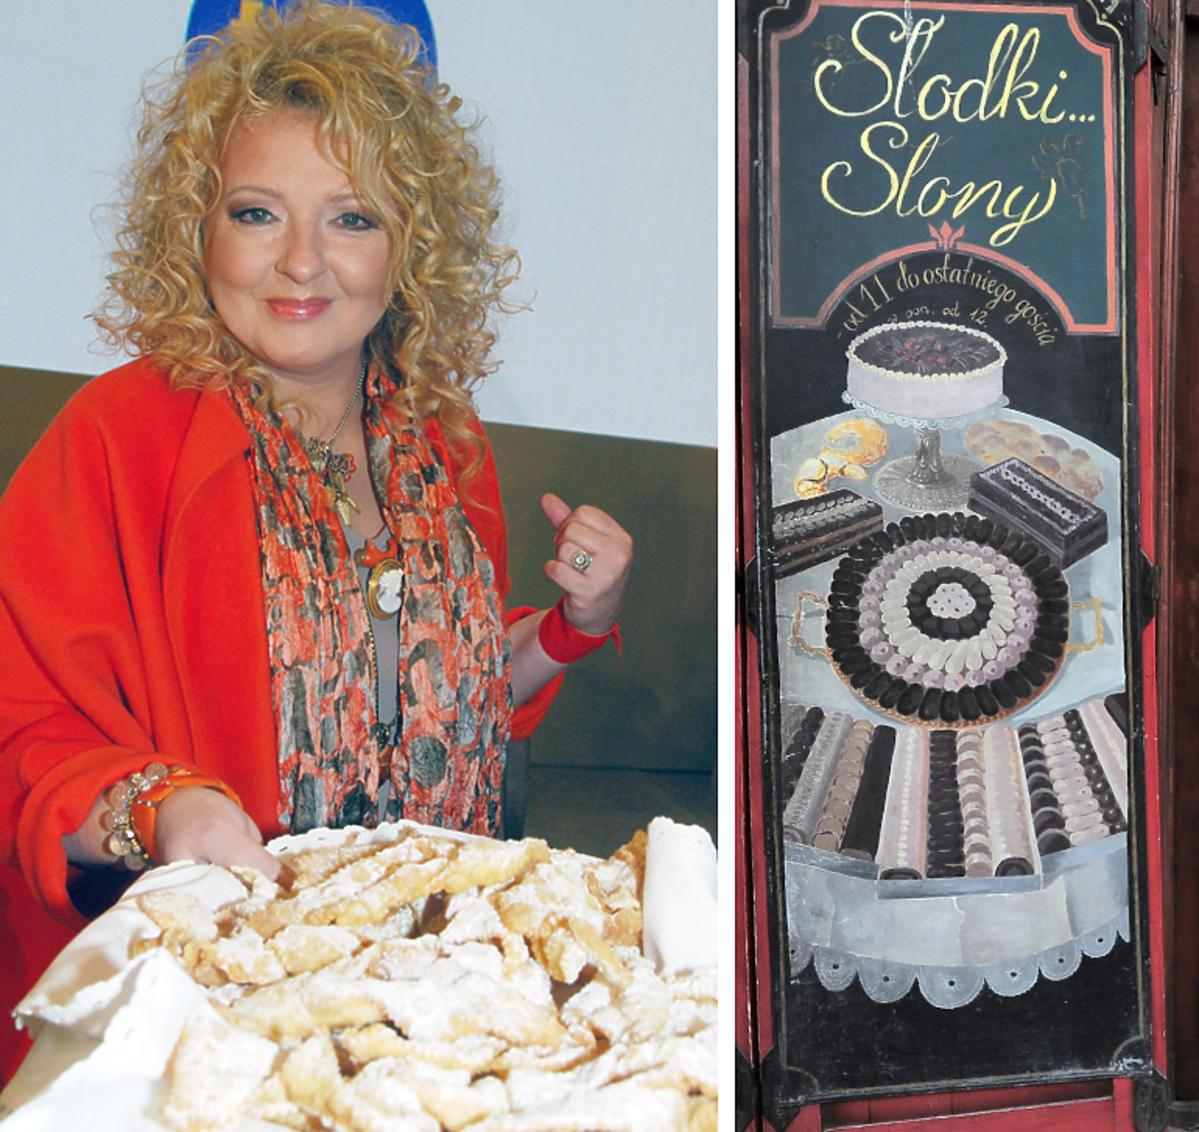 Magda Gessler z faworkami, Słodki Słony